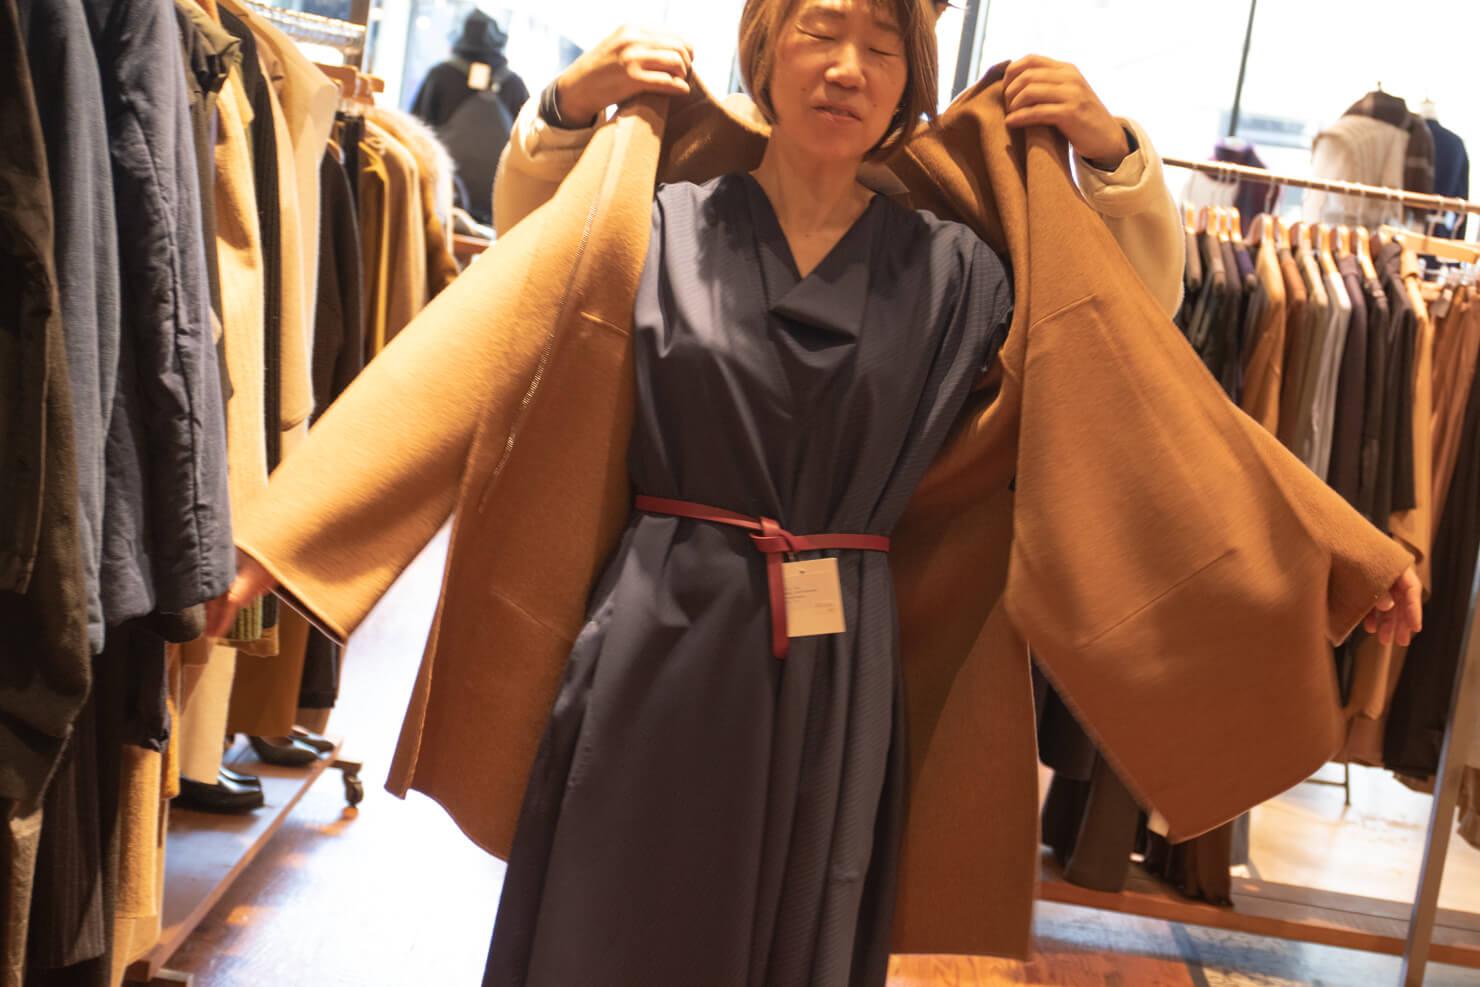 ソフィドールのAラインのワンピースの上にコートを着せてもらっている写真